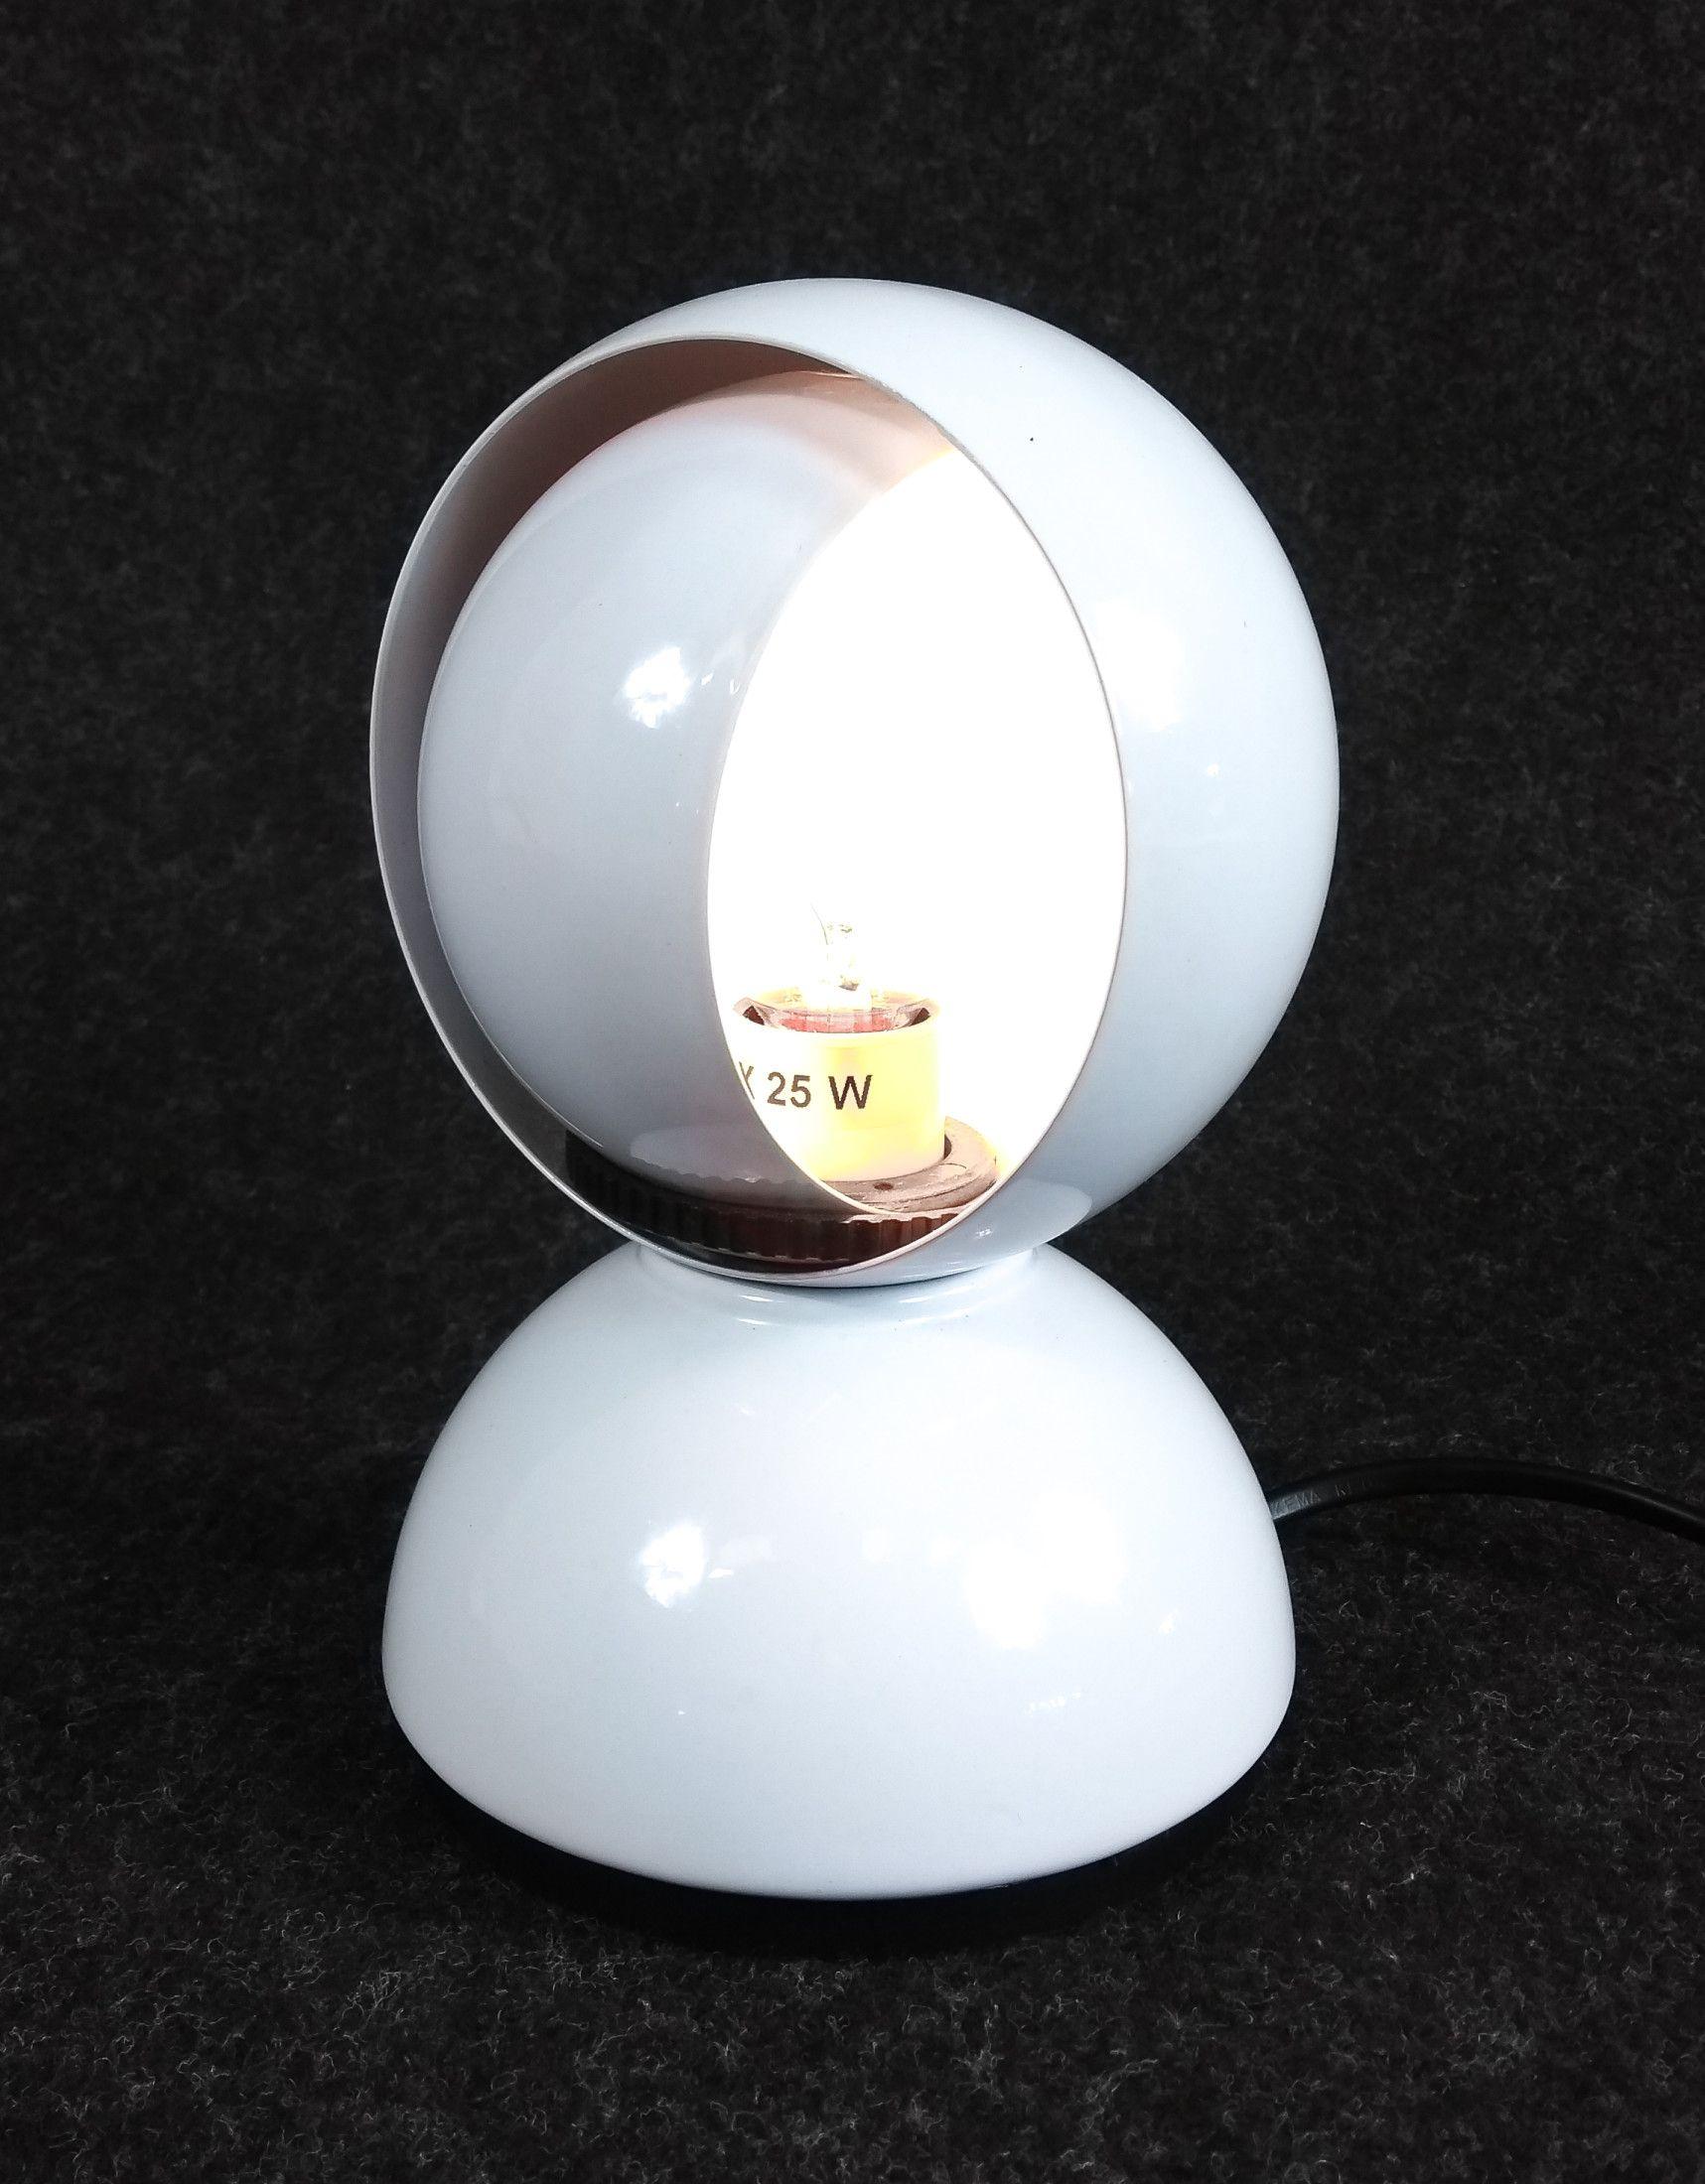 Lampada Da Tavolo Eclisse Design Vico Magistretti Per Artemide Italia 1967 Vicomagistretti Artemide Eclis Lampade Da Tavolo Lampade Tavoli In Metallo